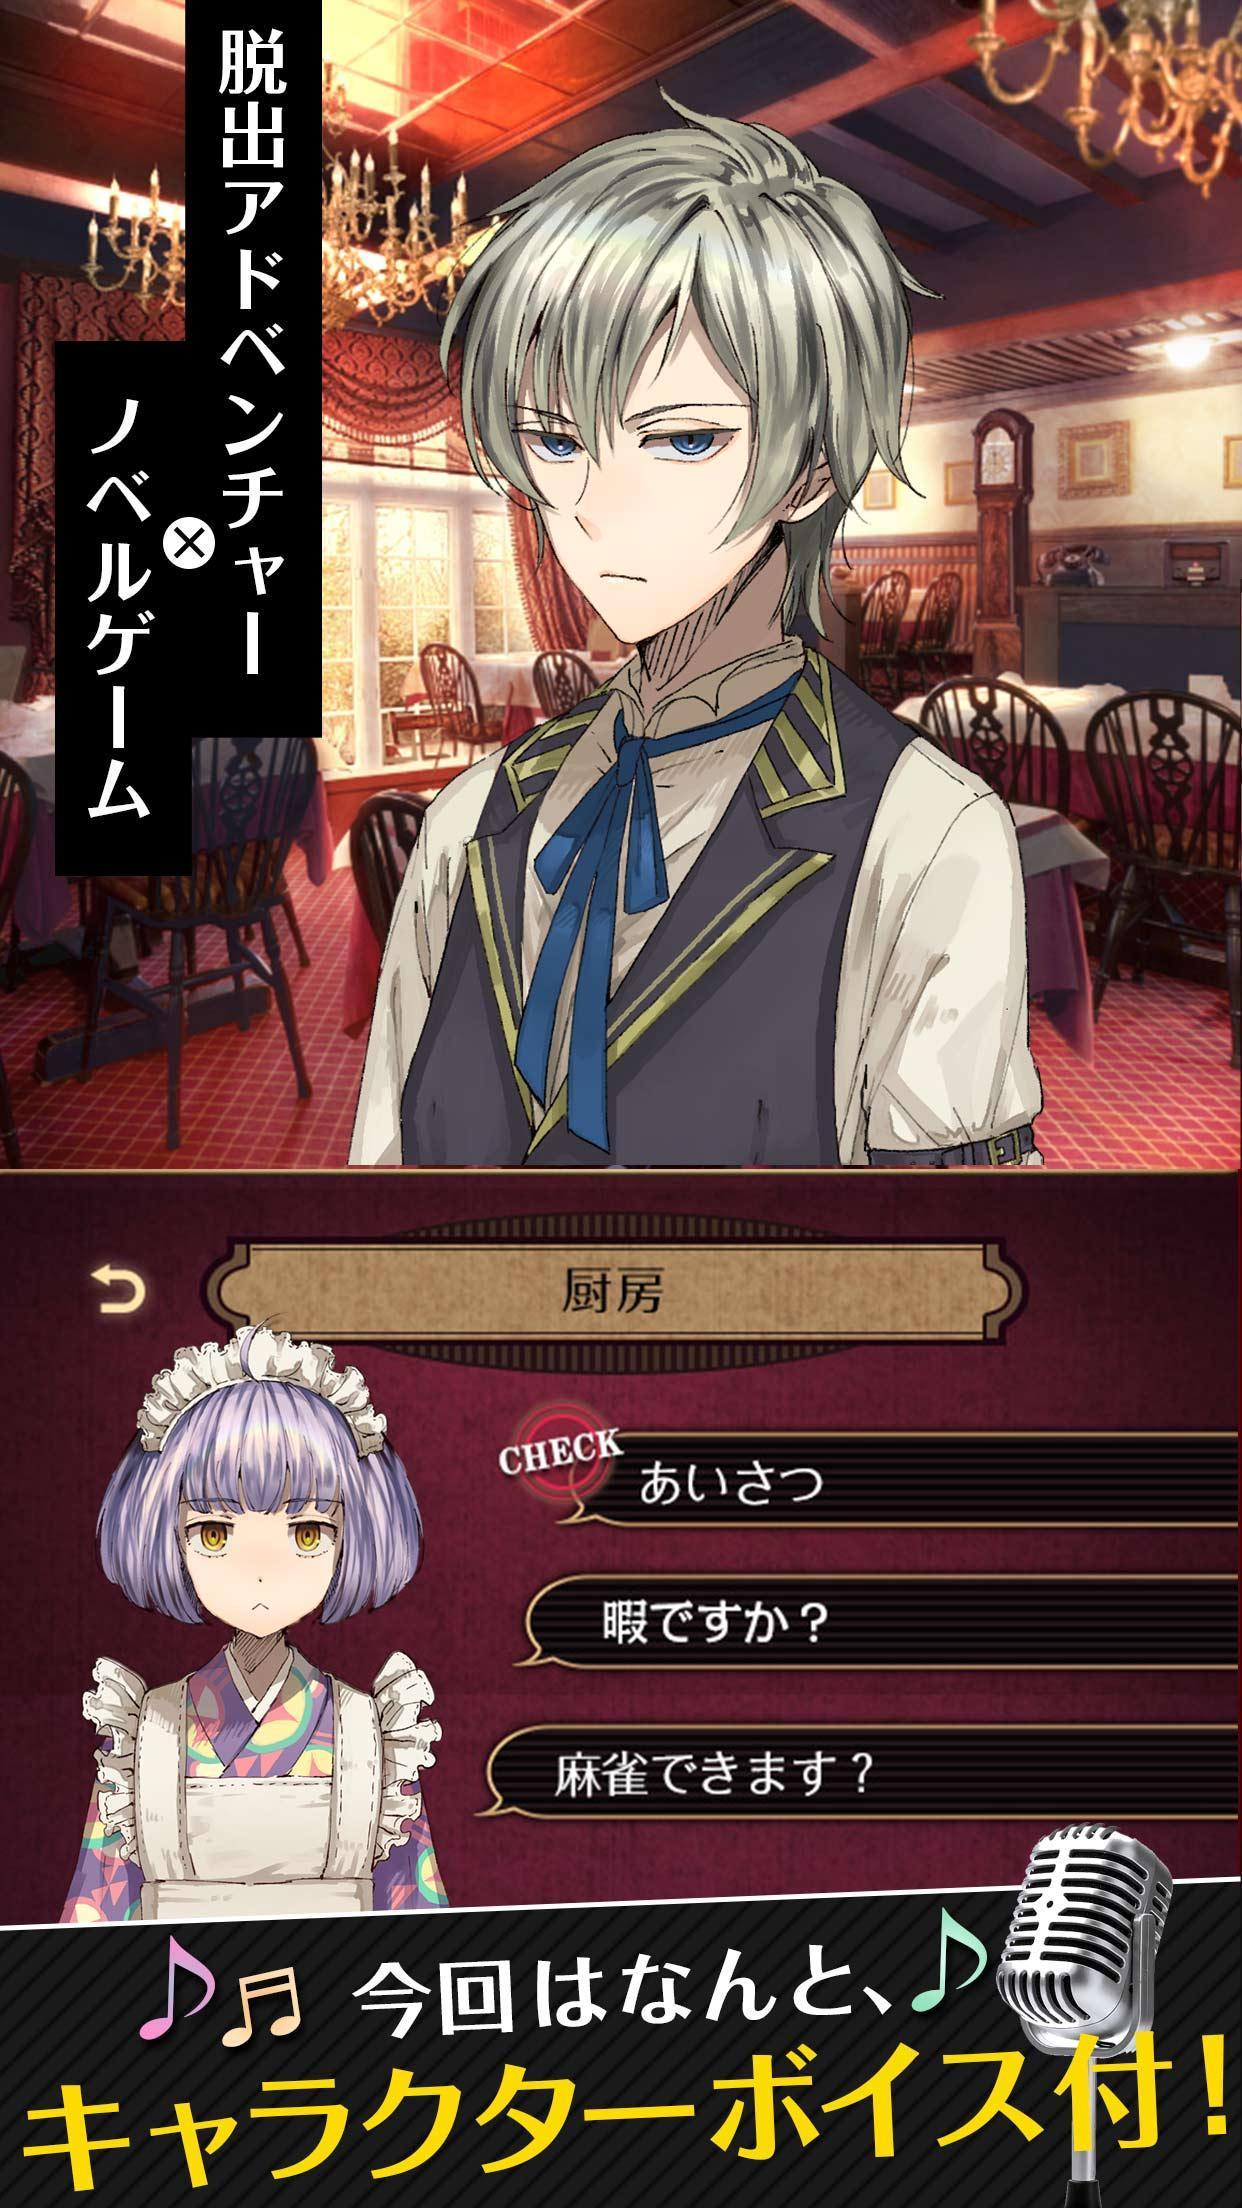 脱出アドベンチャーノベル 誰ソ彼ホテル 3.1.0 Screenshot 1